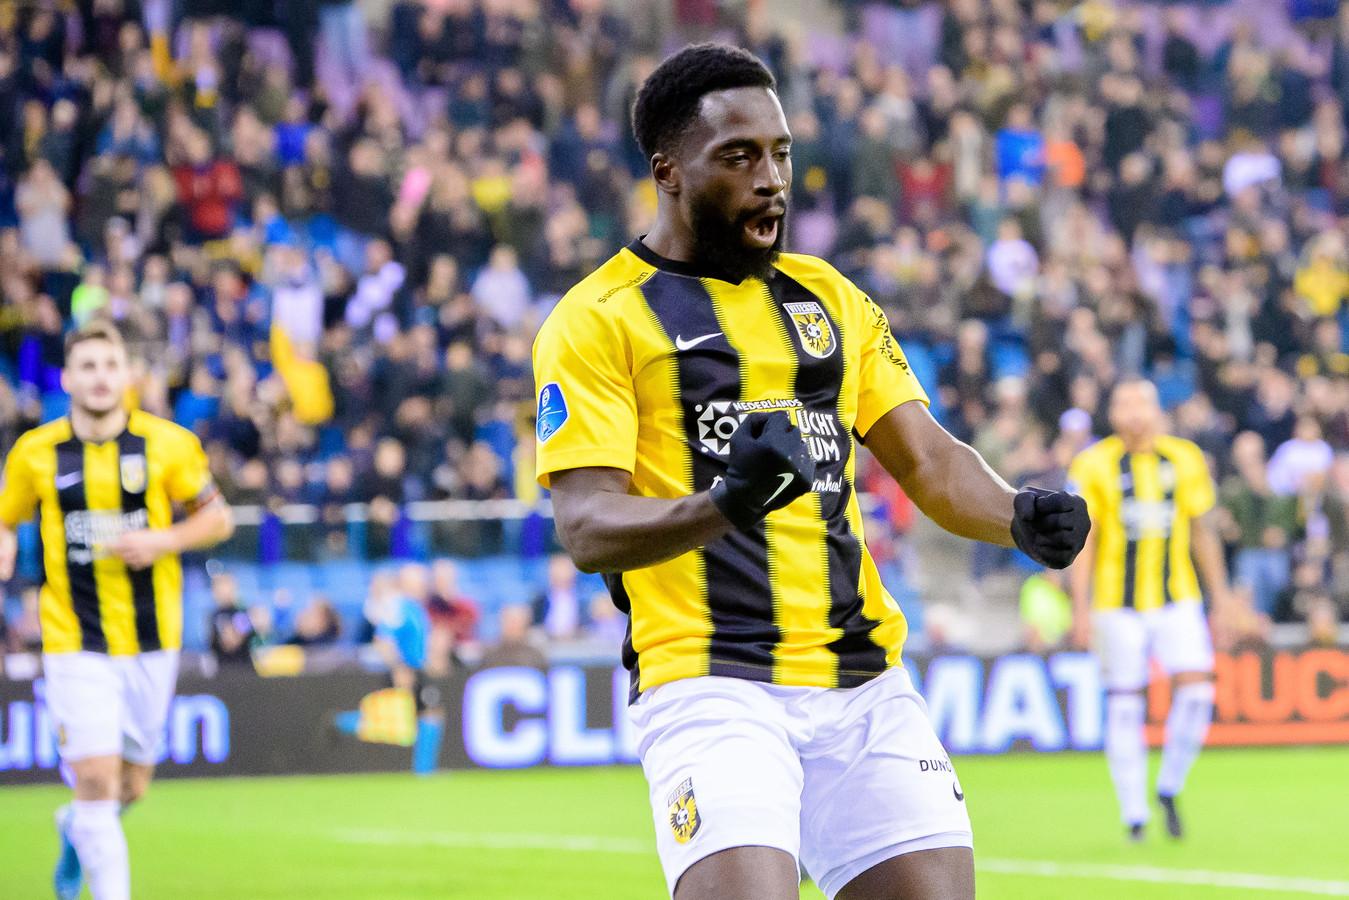 Nouha Dicko viert zijn doelpunt voor Vitesse in GelreDome tegen De Graafschap, in de KNVB-beker.